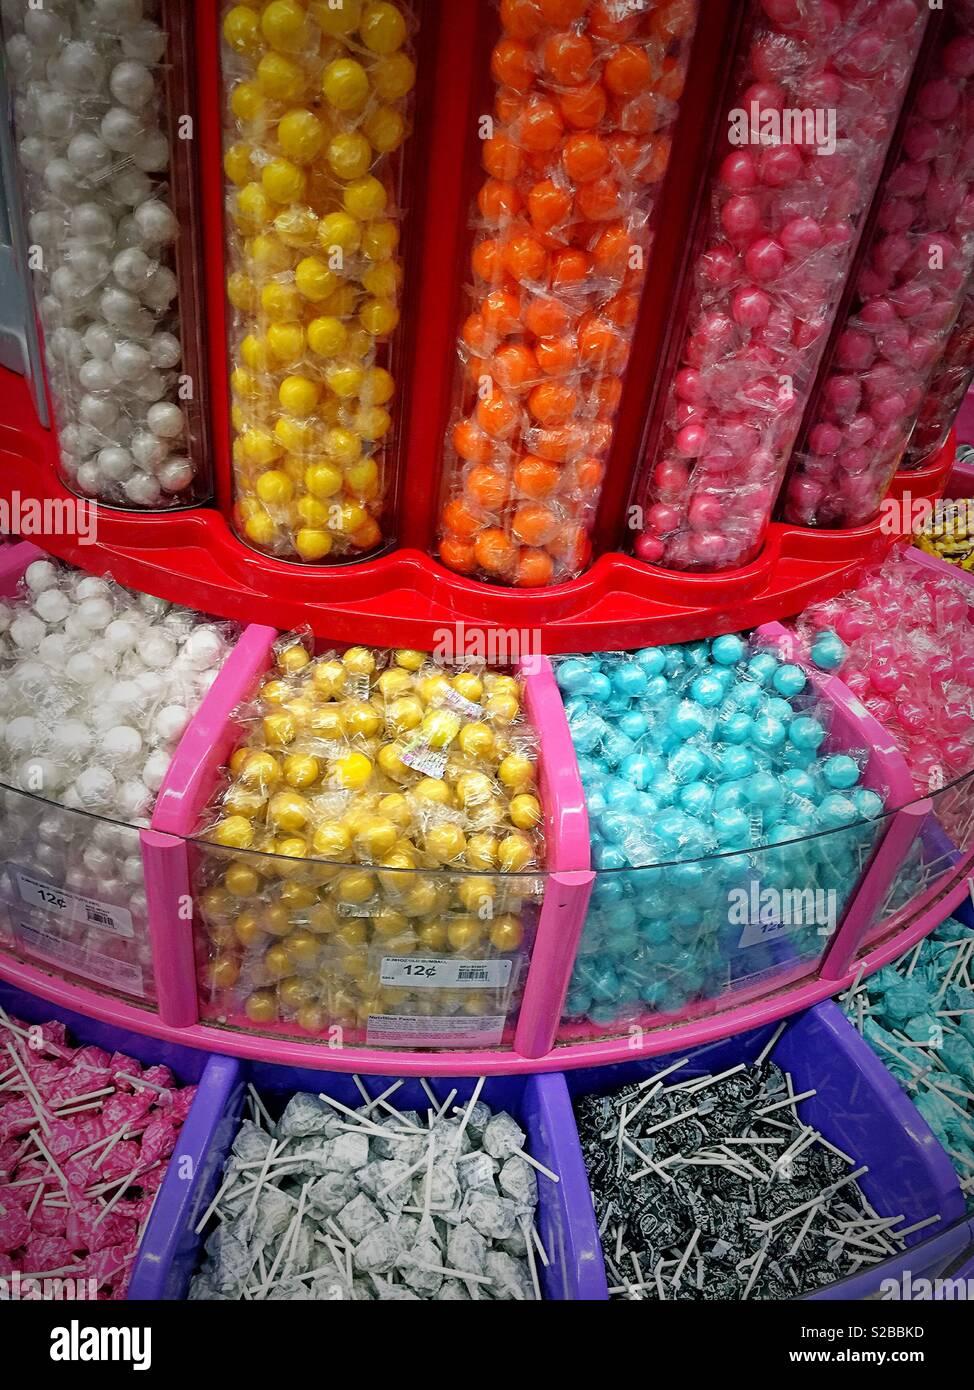 Display di caramella in un negozio al dettaglio, STATI UNITI D'AMERICA Immagini Stock